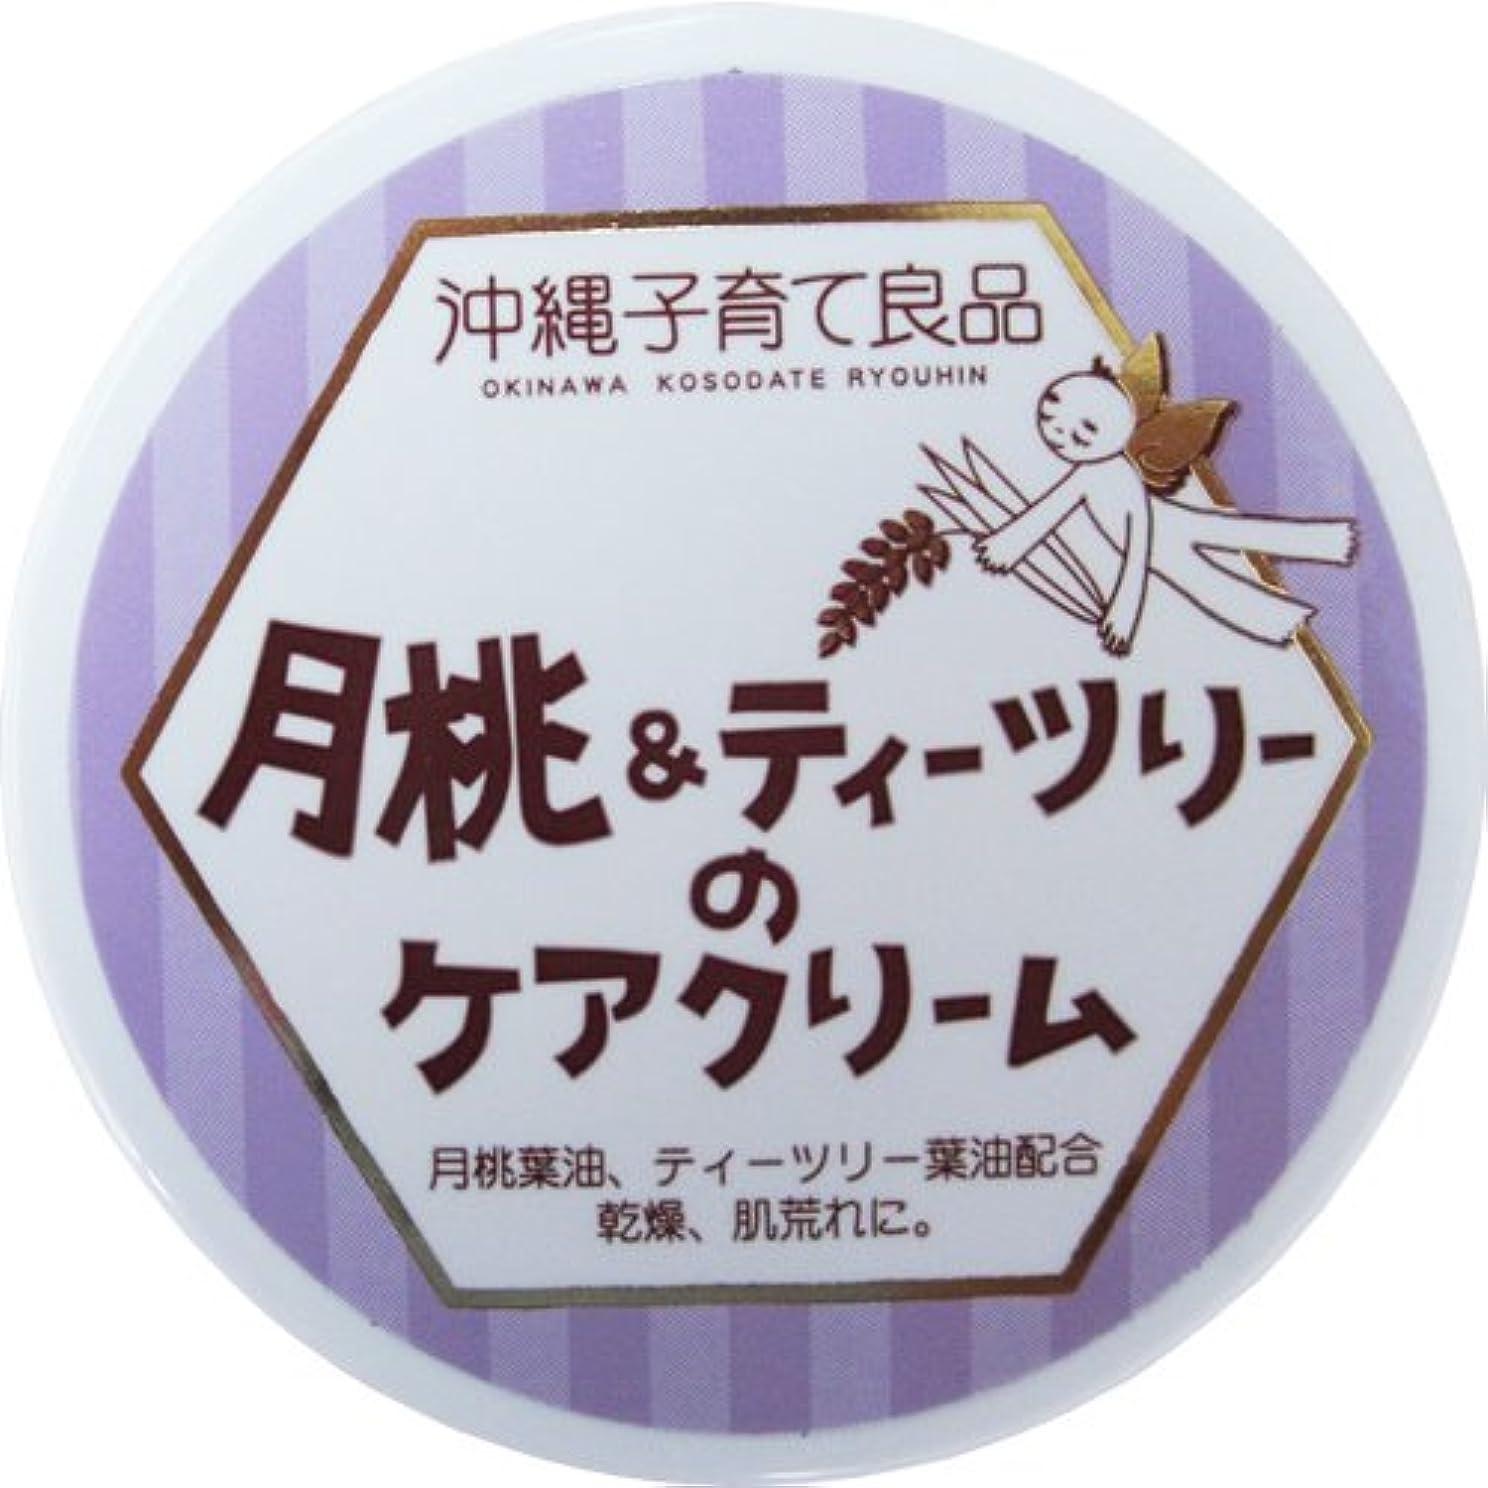 シャーホバー水平沖縄子育て良品 月桃&ティツリーのケアクリーム (25g)